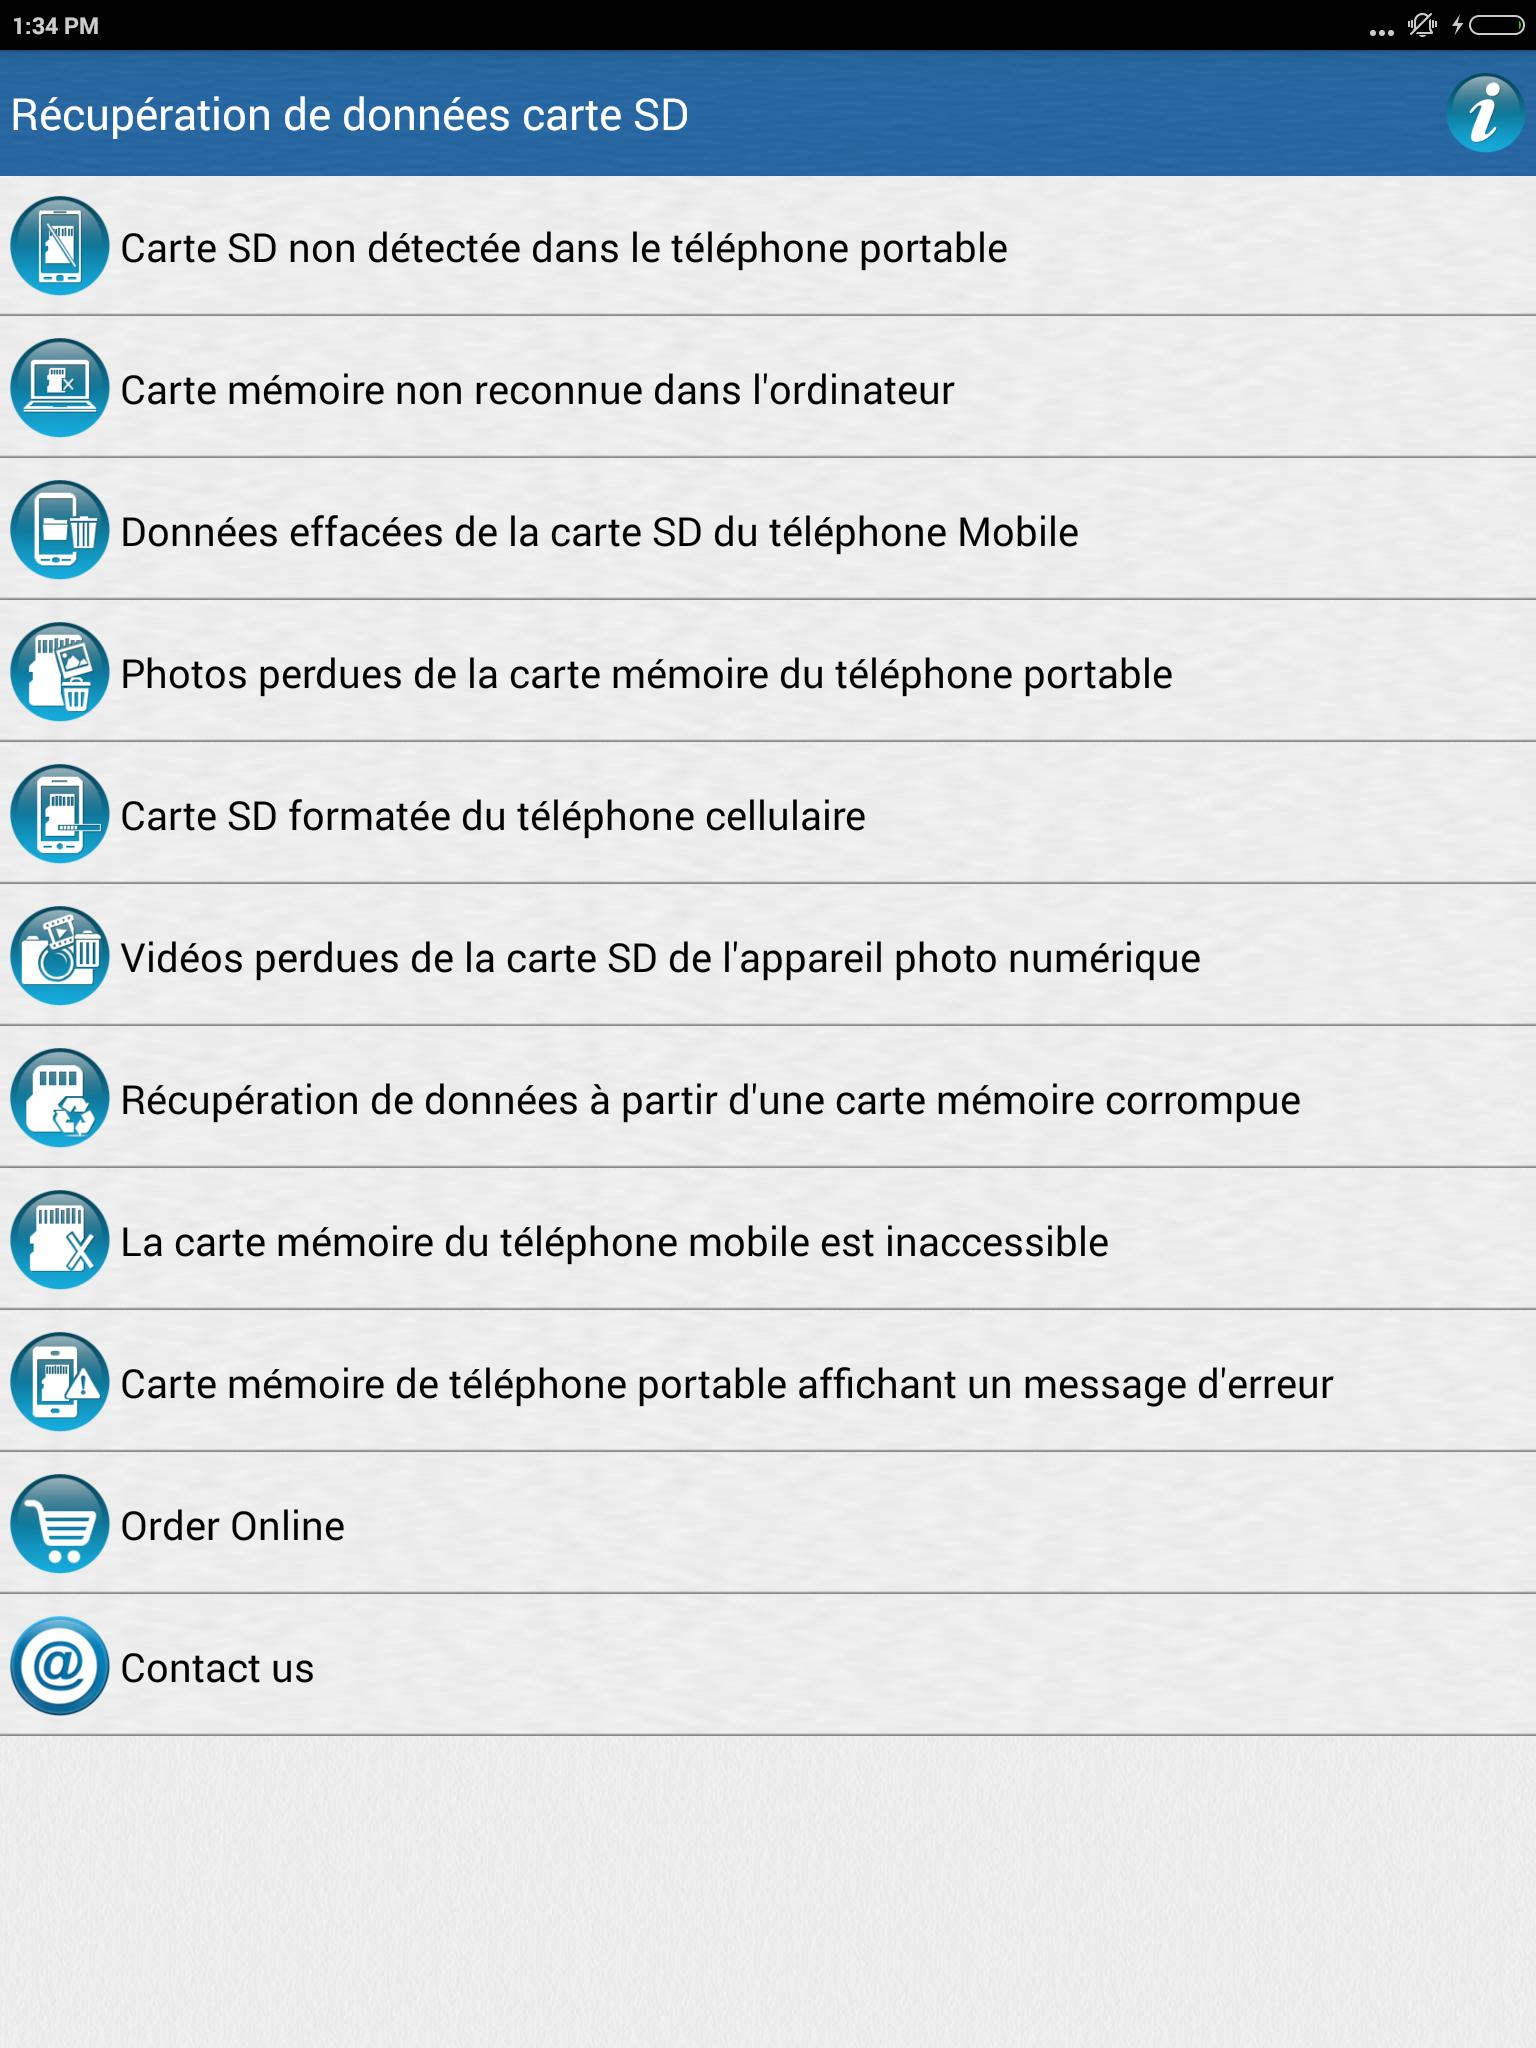 carte sd non reconnue android Récupération de données carte SD for Android   APK Download